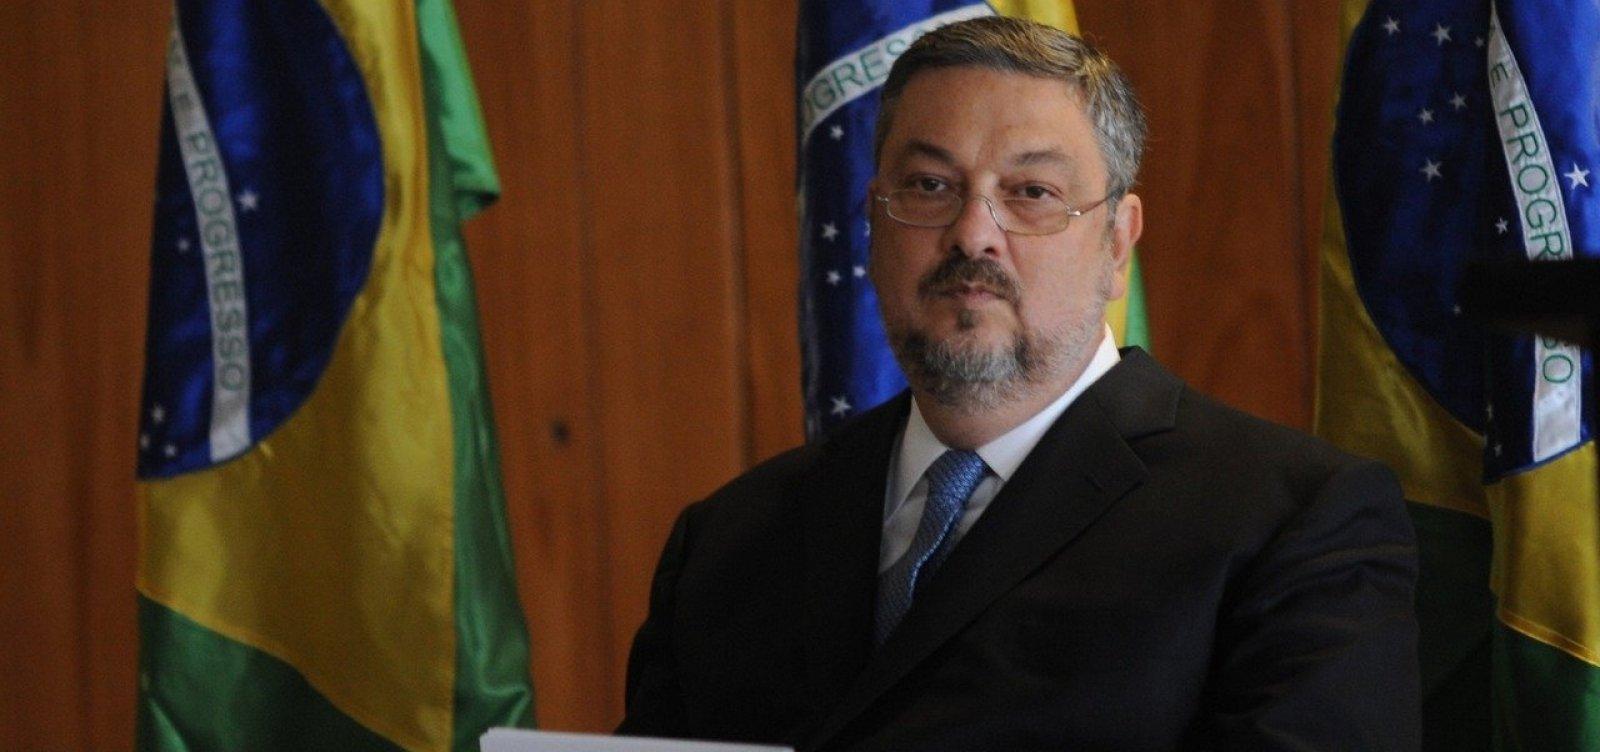 [Delação de Palocci: PT ficava com 3% dos contratos de publicidade na Petrobras]